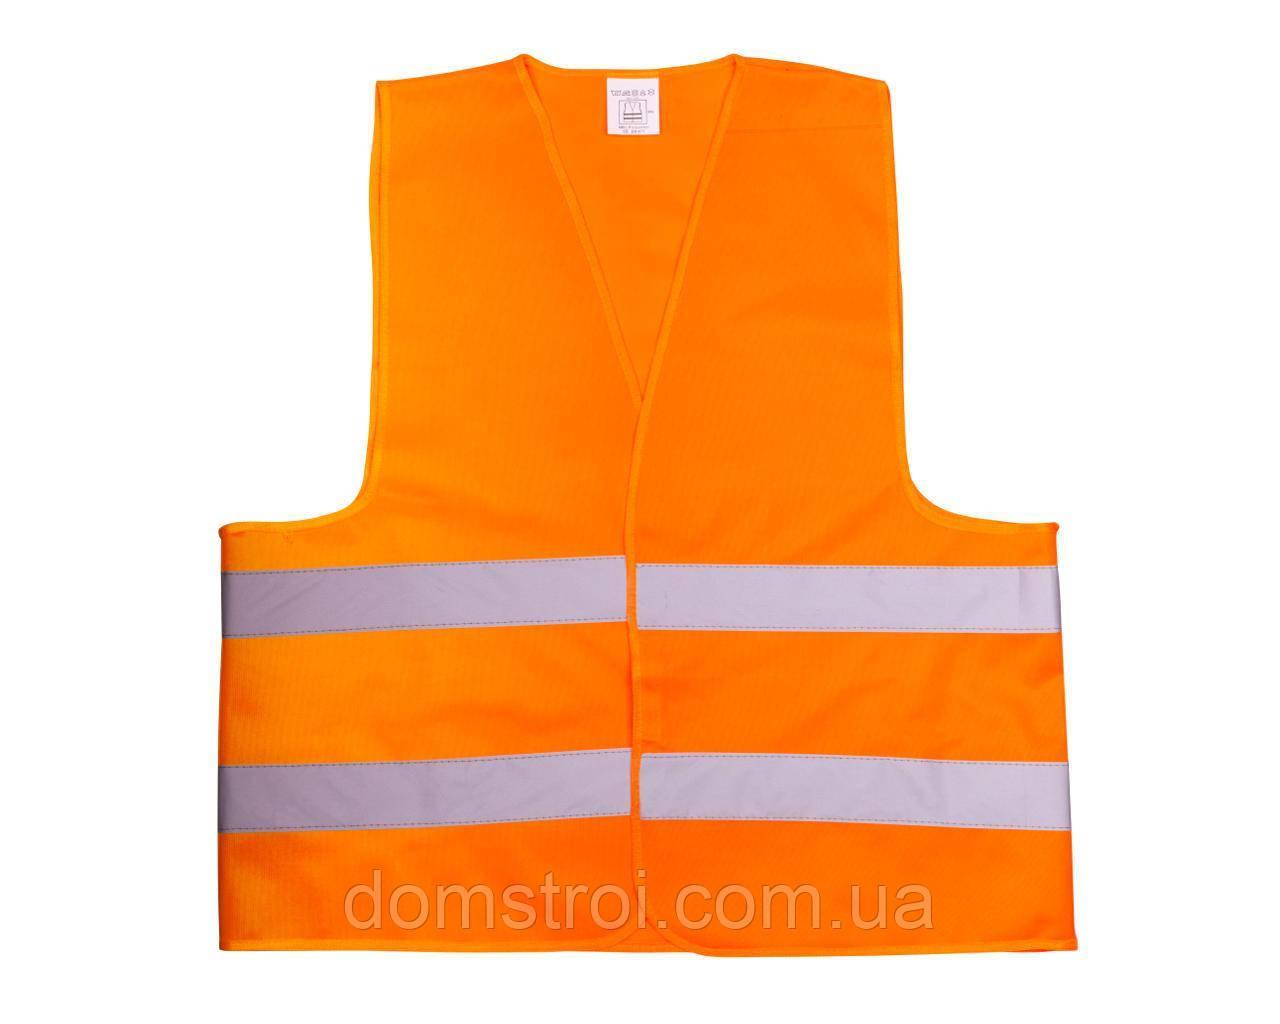 Жилет со светоотр. лентой Китай (цвет оранж) состав polyester 100% размер 4XL плотность ткани 120г/м2